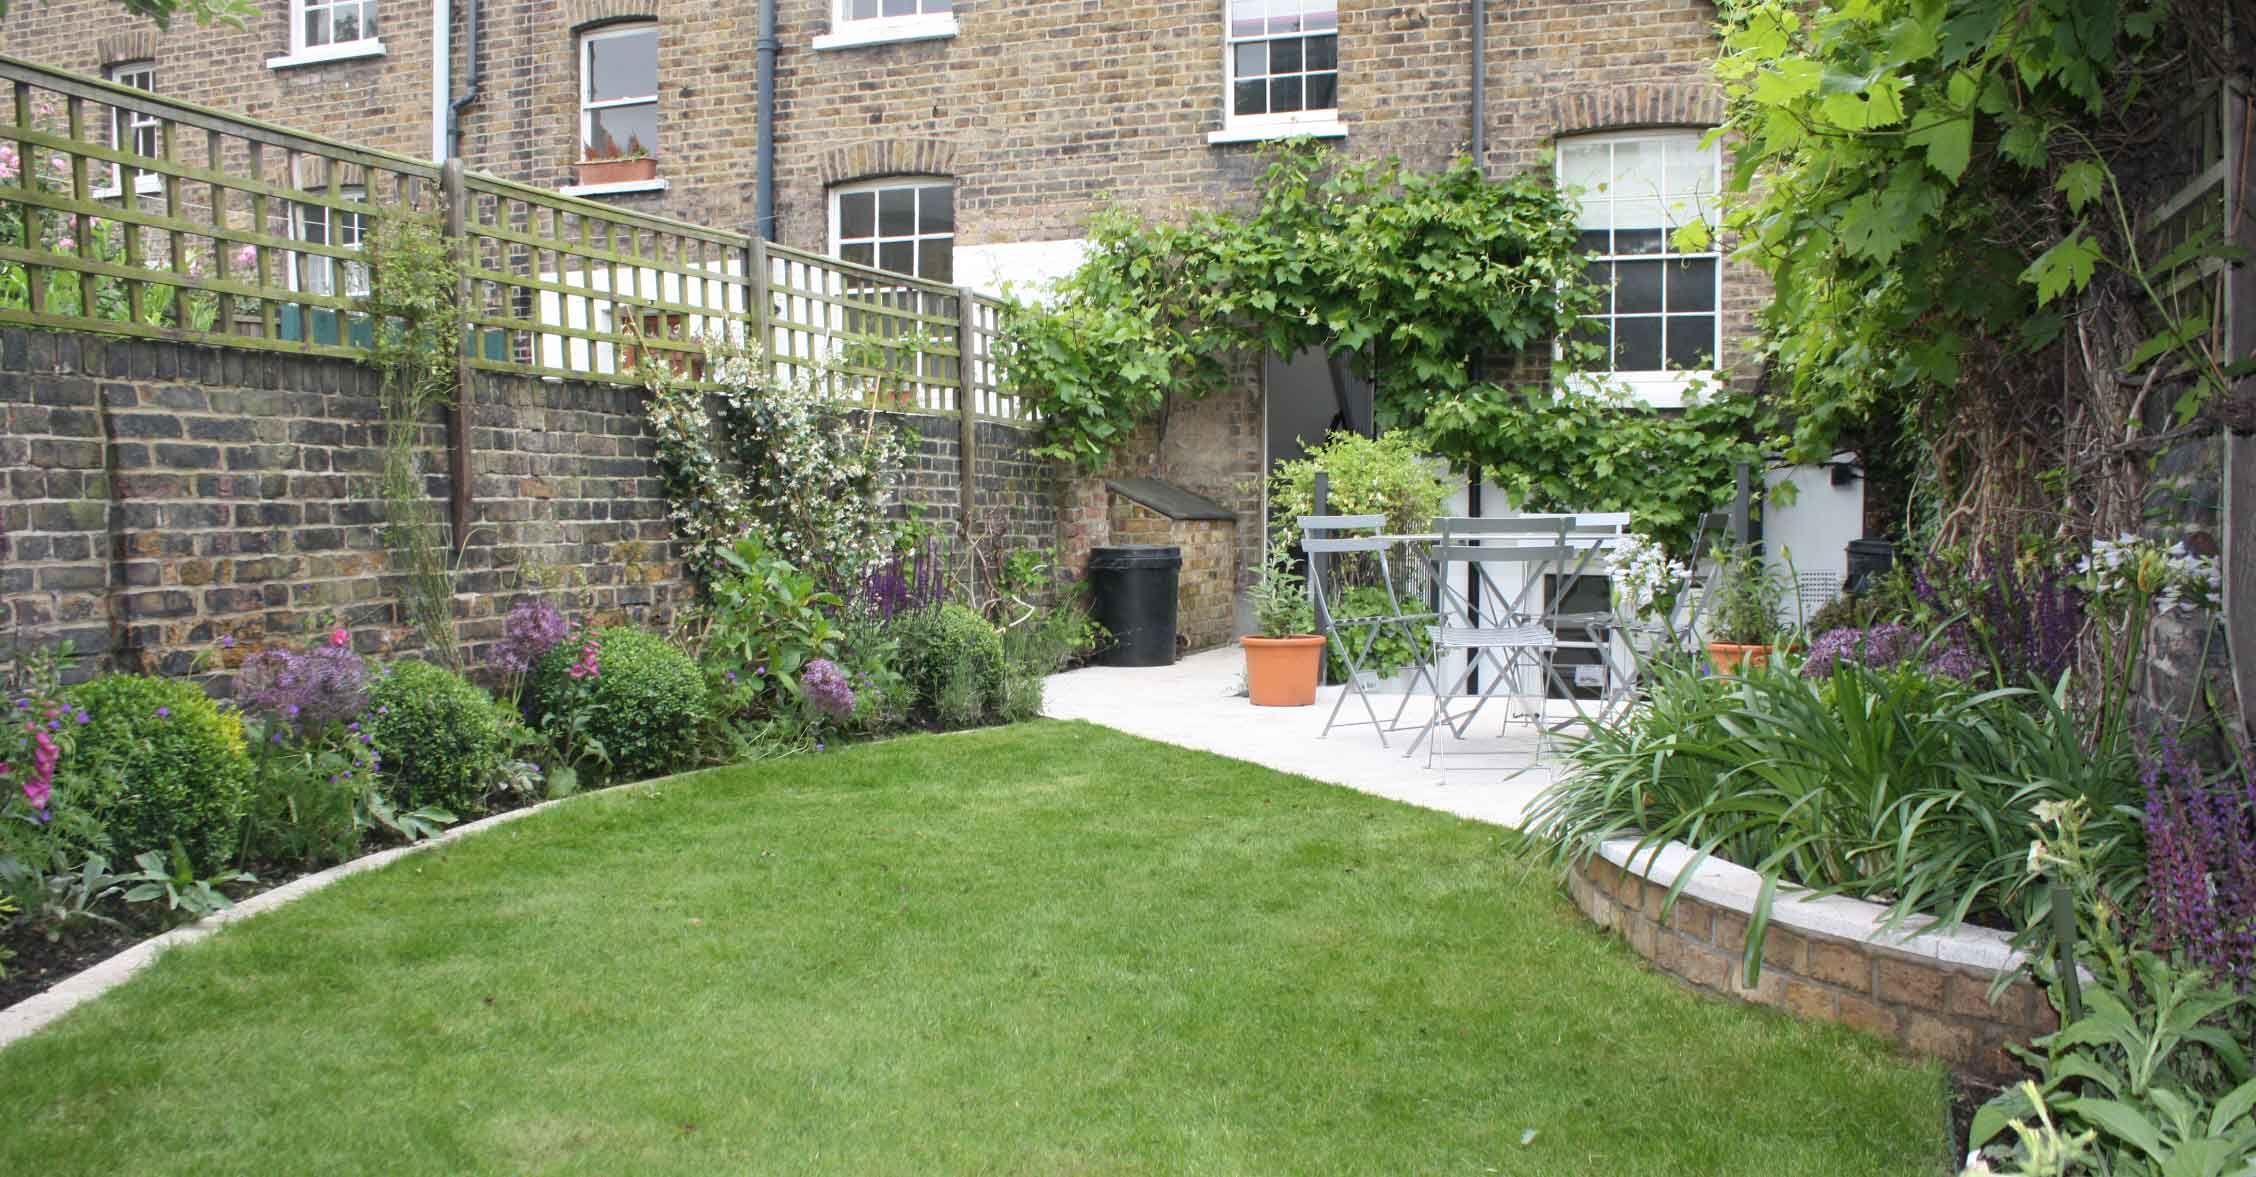 long thin greenwich cottage garden garden design london catherine cottage garden - Garden Design Long Thin